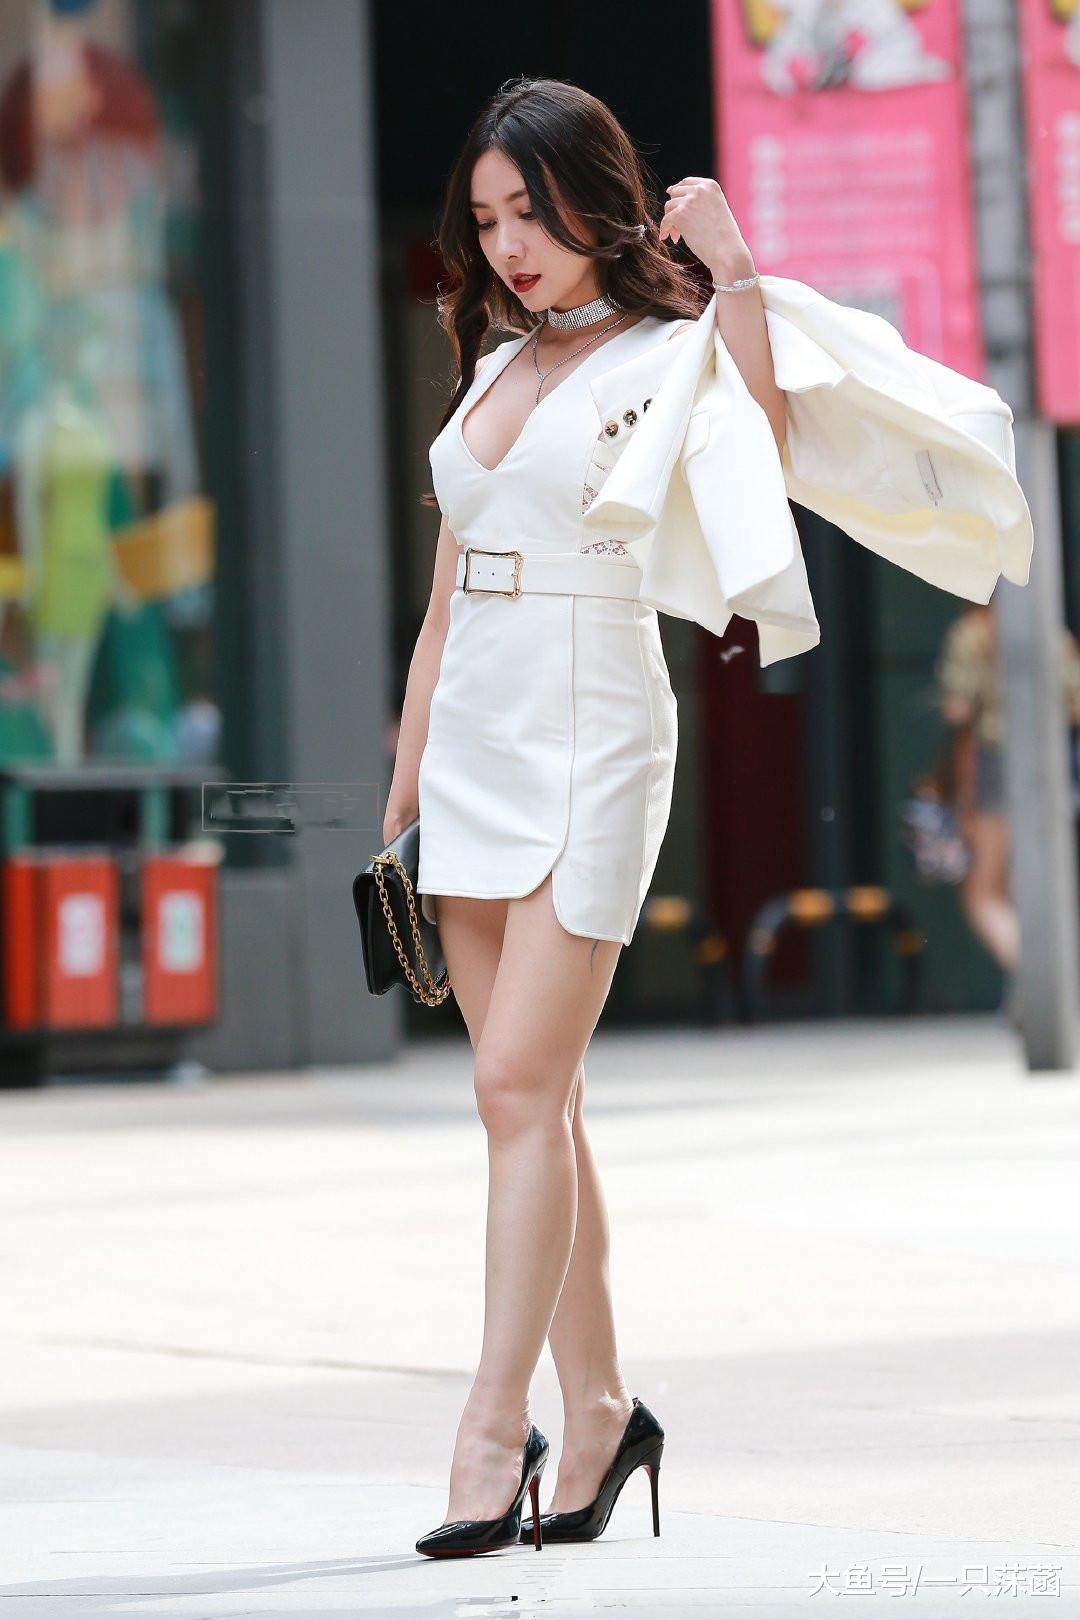 美女身材真好, 看到腿的样子, 网友: 值得盯着看